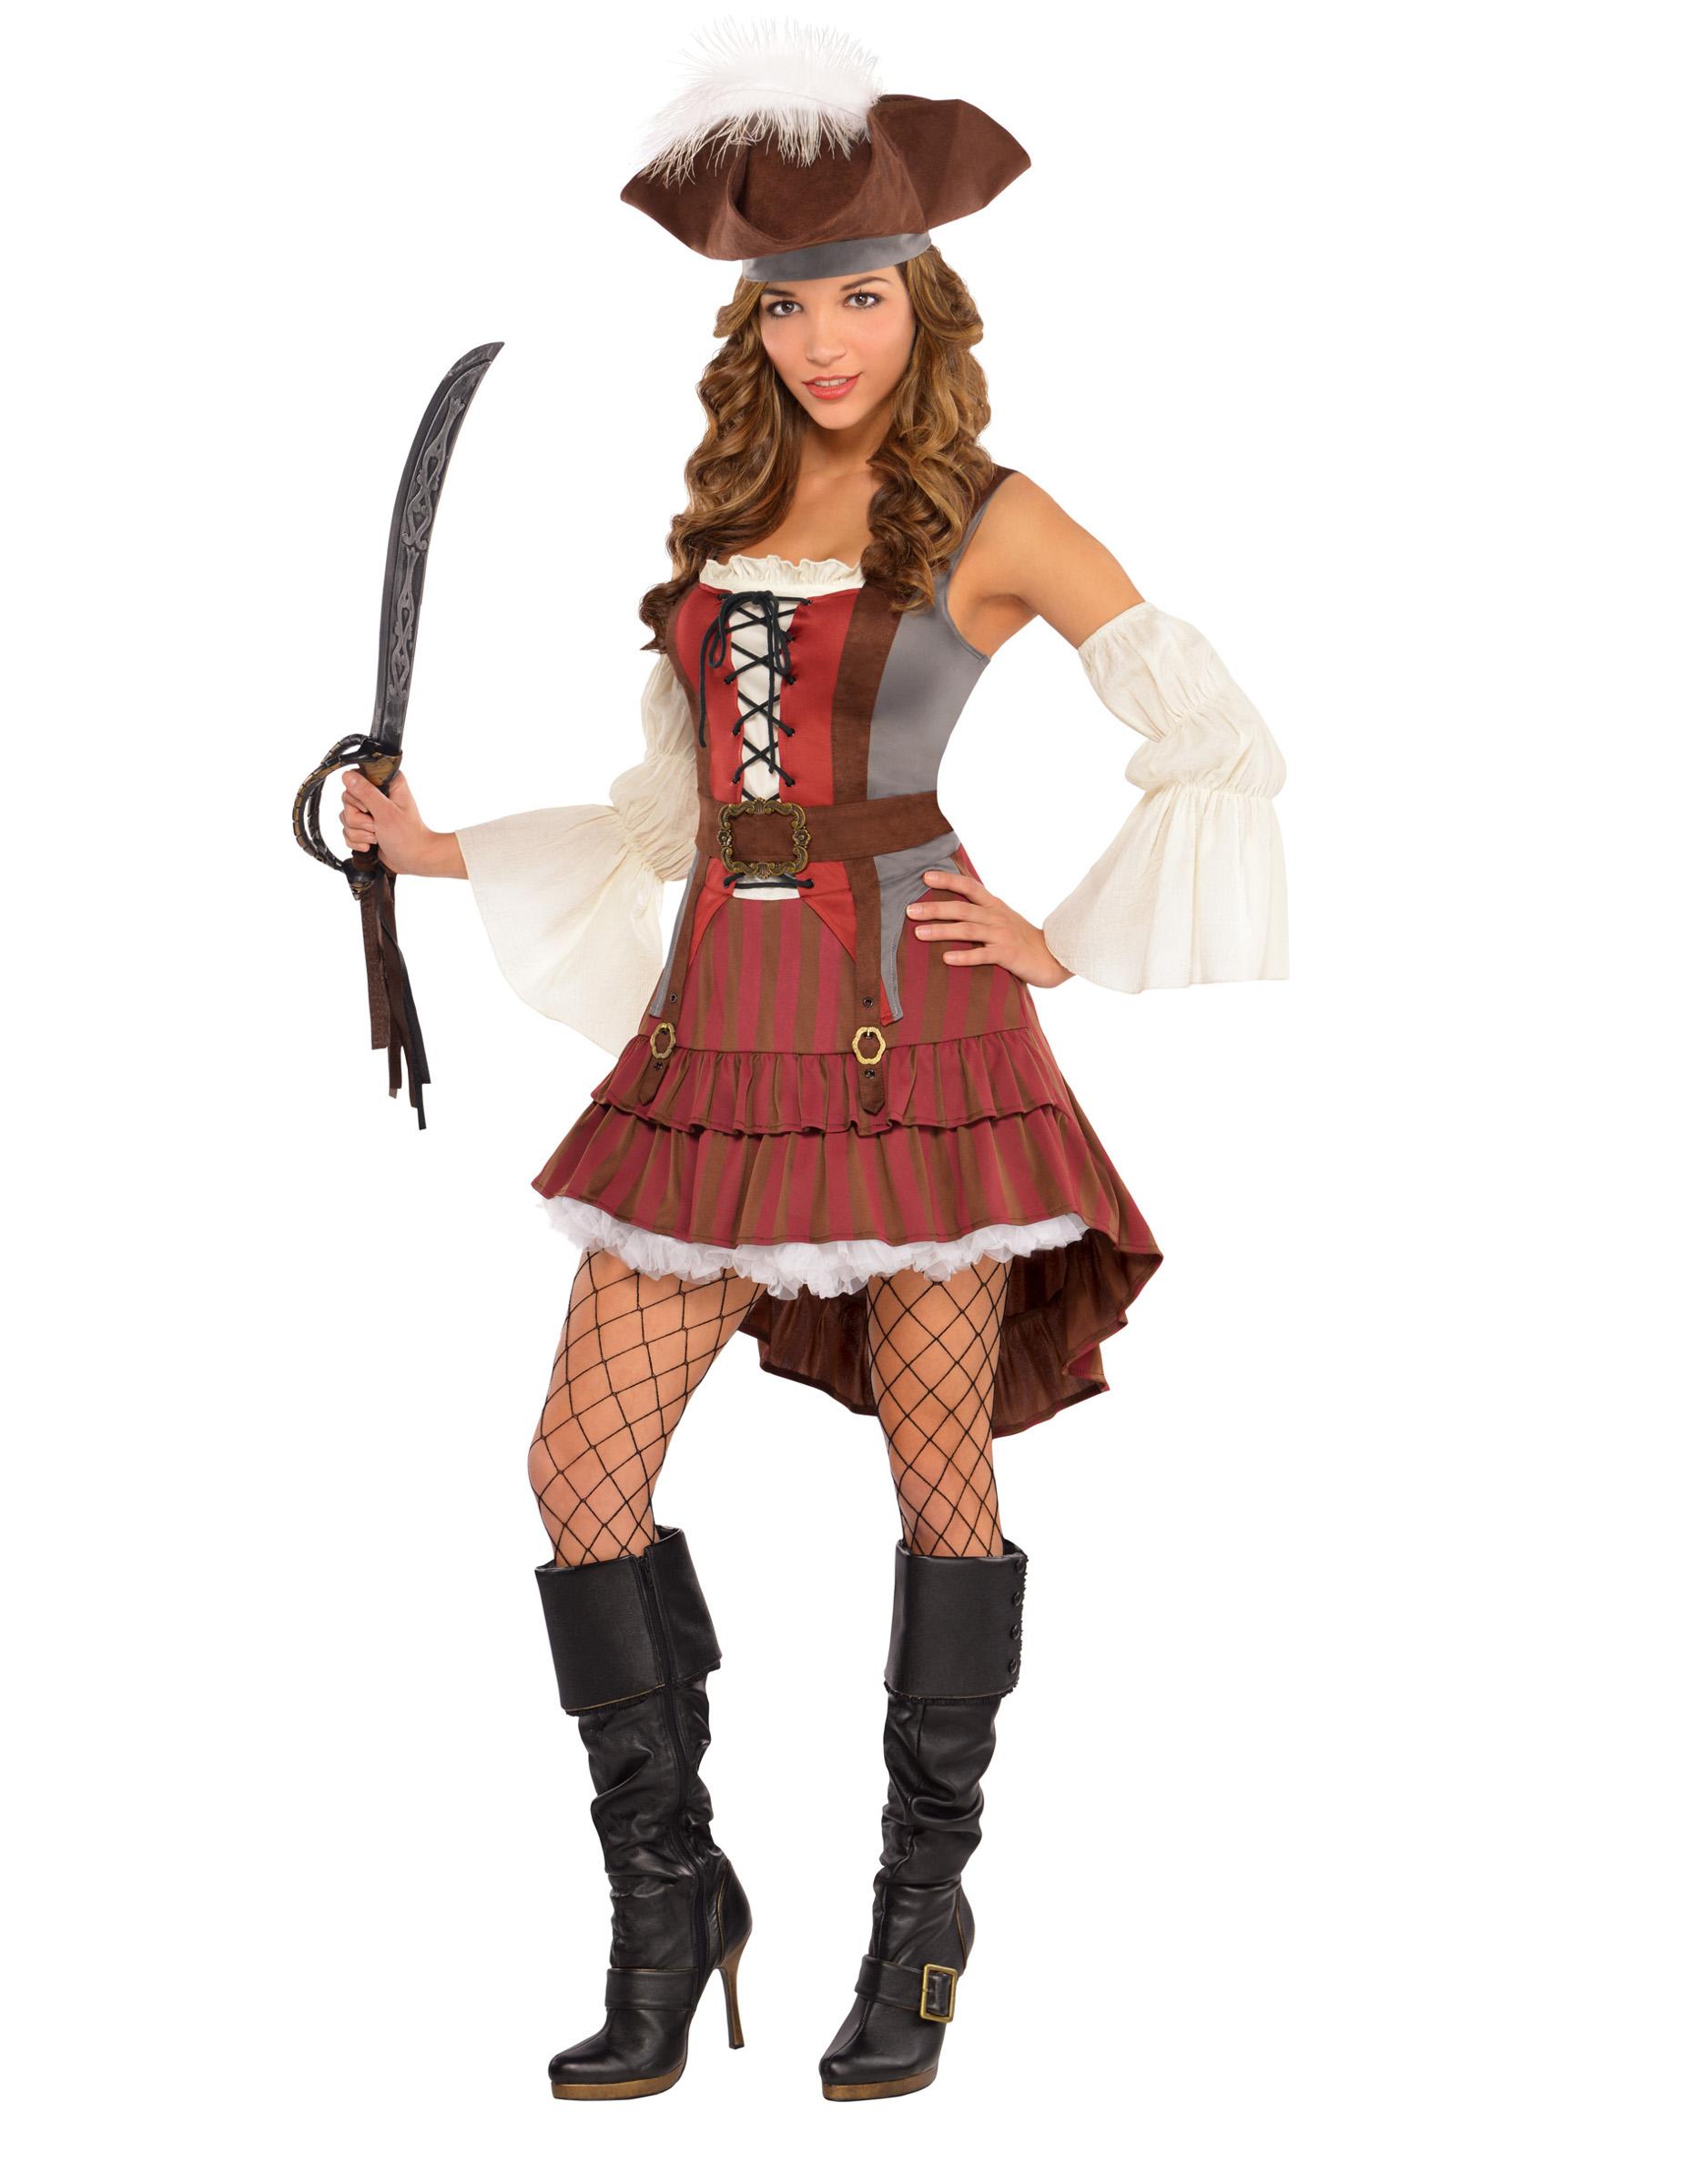 Piratenbraut Seerauber Kostum Fur Damen Rot Braun Weiss